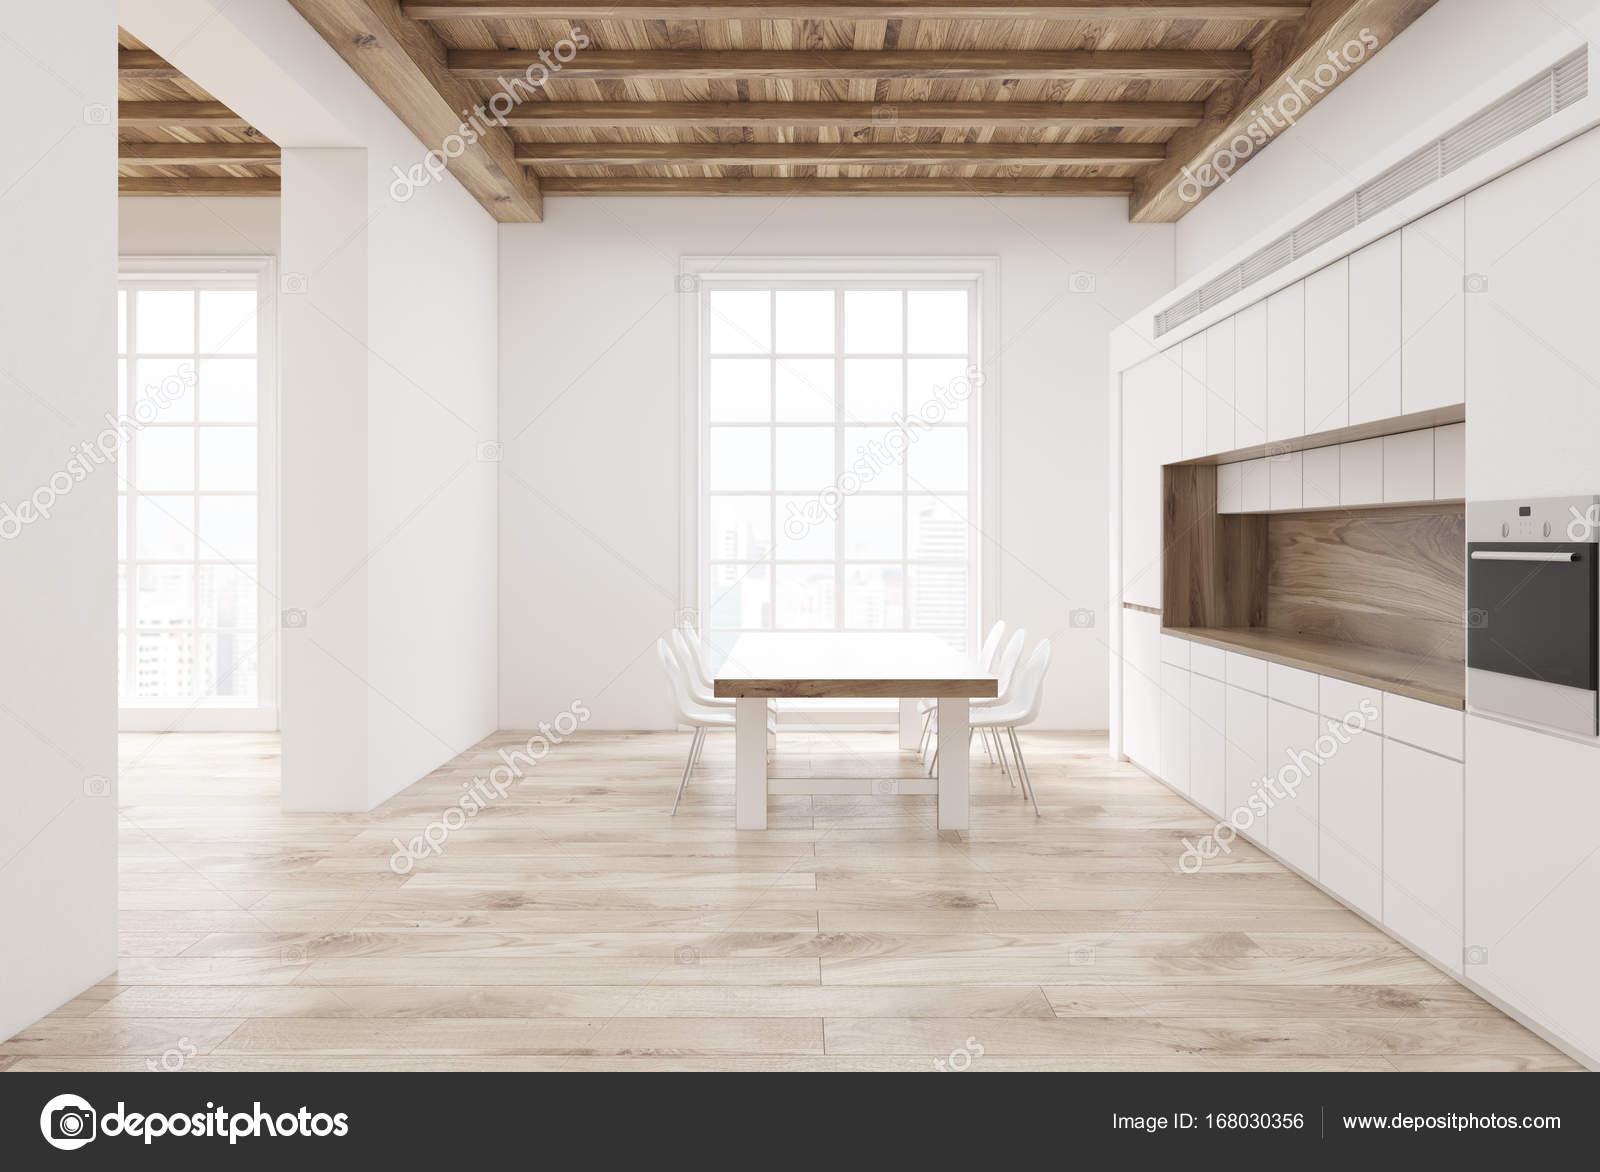 Soffitti In Legno Bianco : Sala da pranzo con i fasci di legno del soffitto bianco fotografia